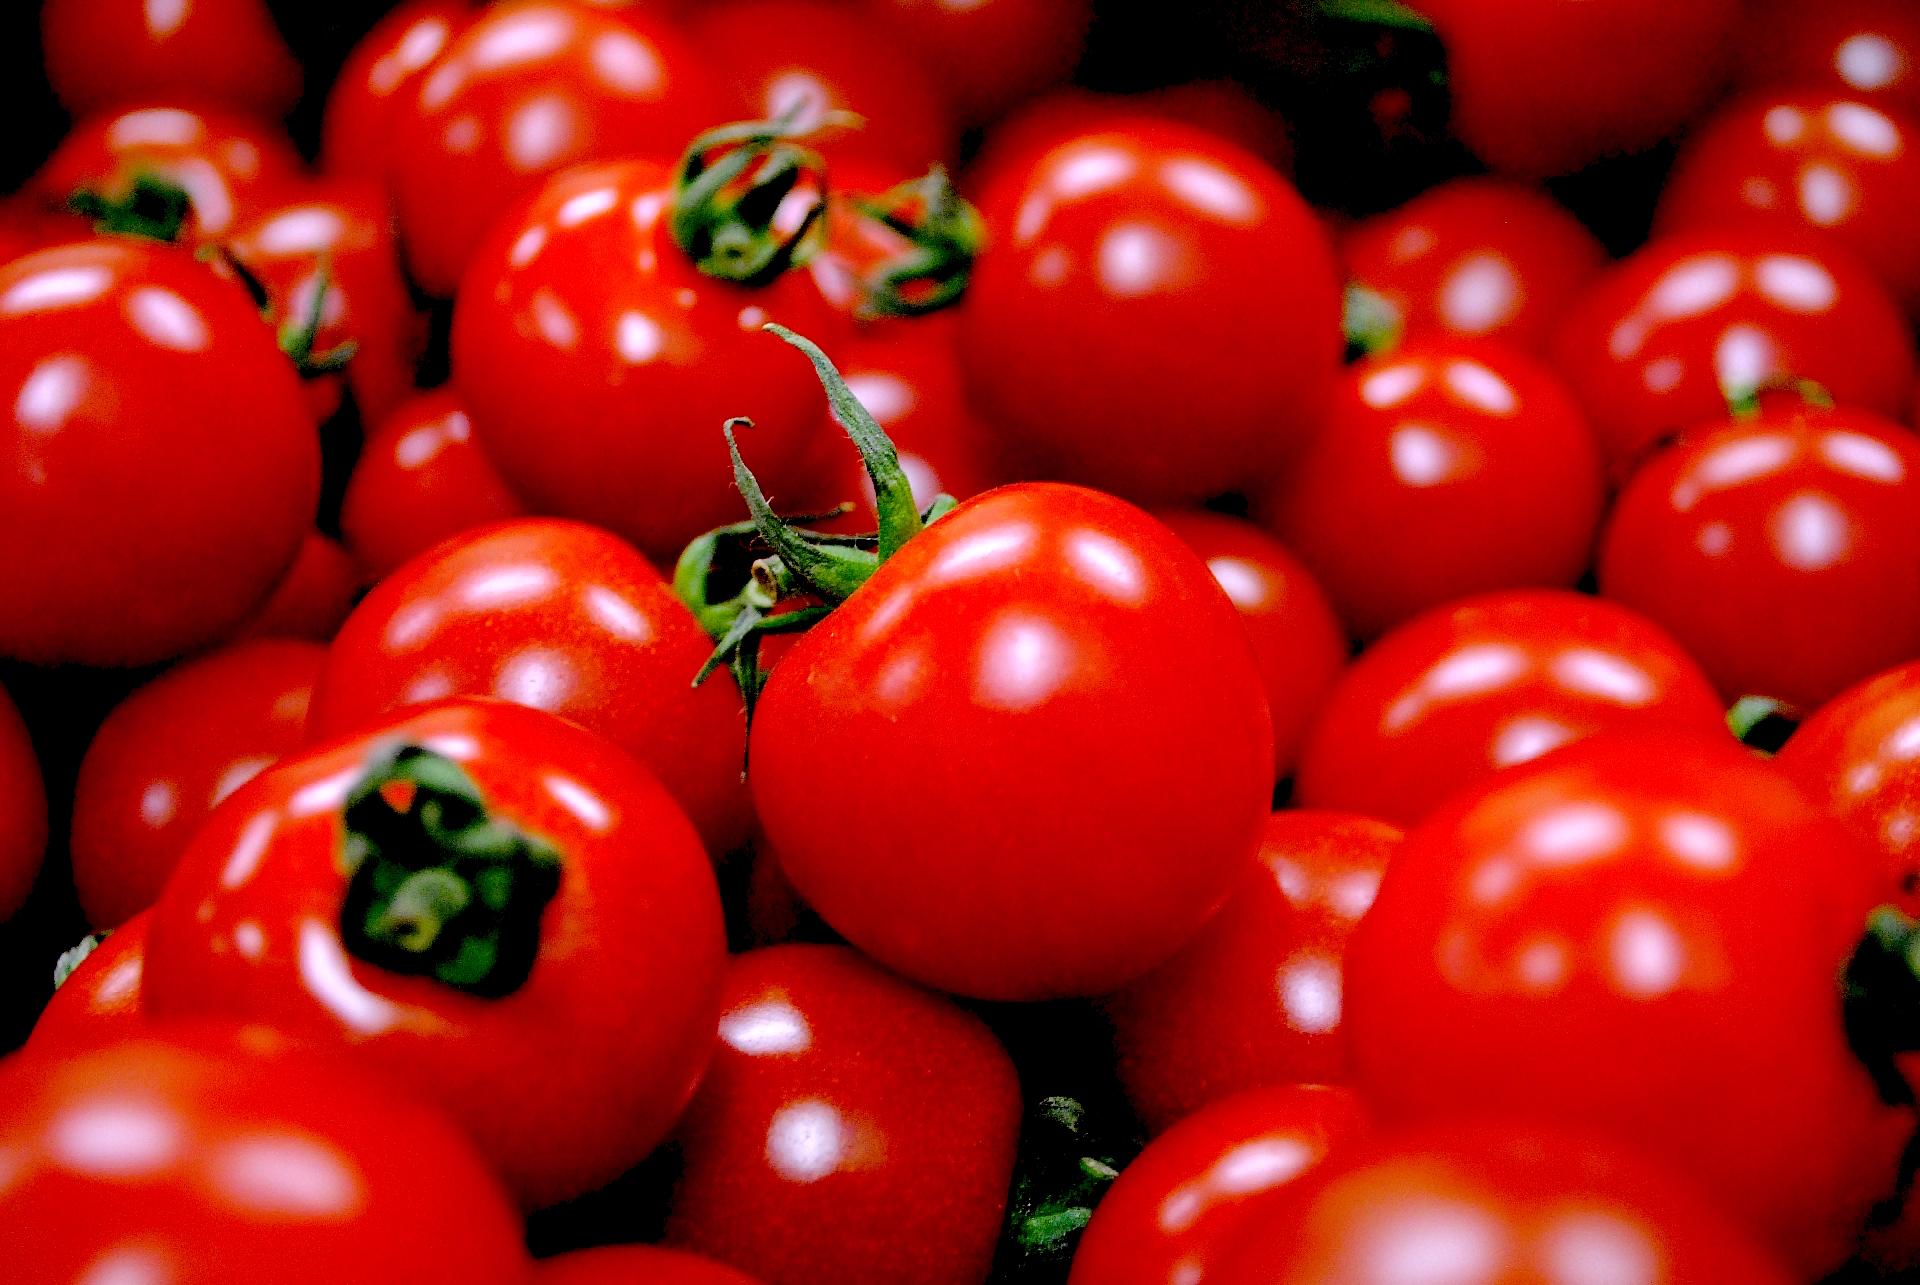 ダイエット効果もUP!「トマトジュース」の裏ワザ2つ